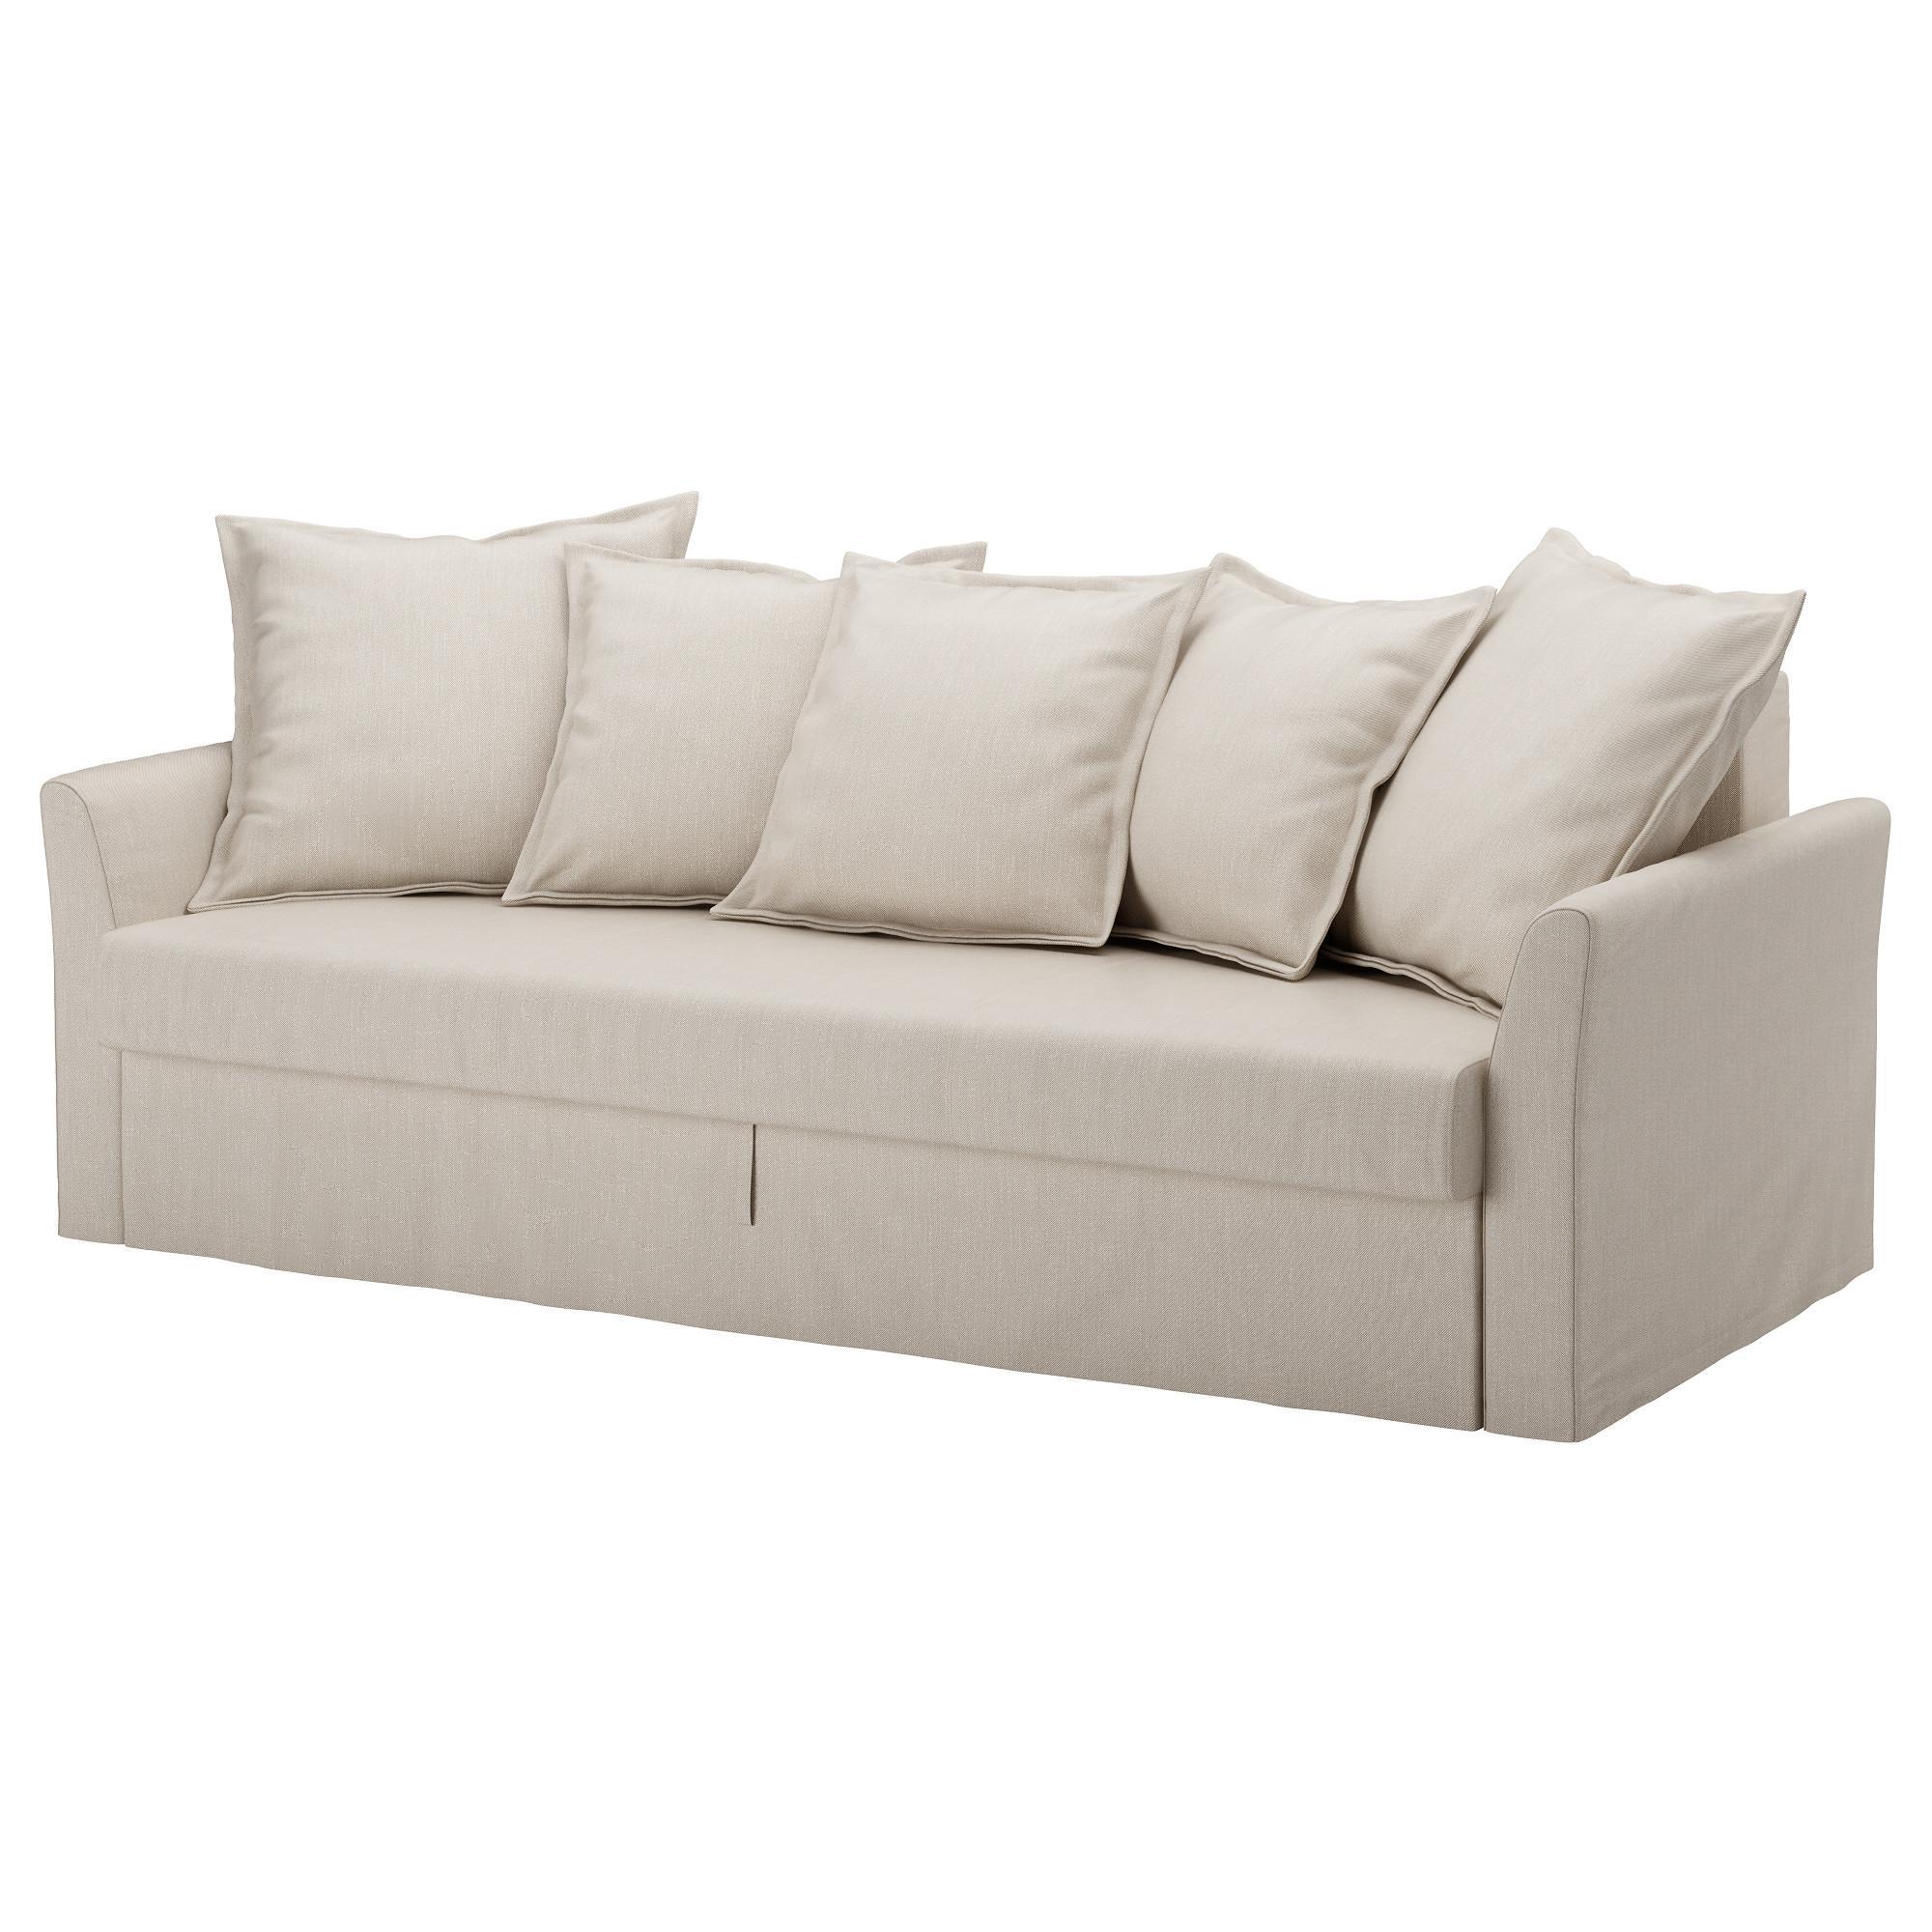 Sleeper Chair Twin Sears (Image 16 of 20)